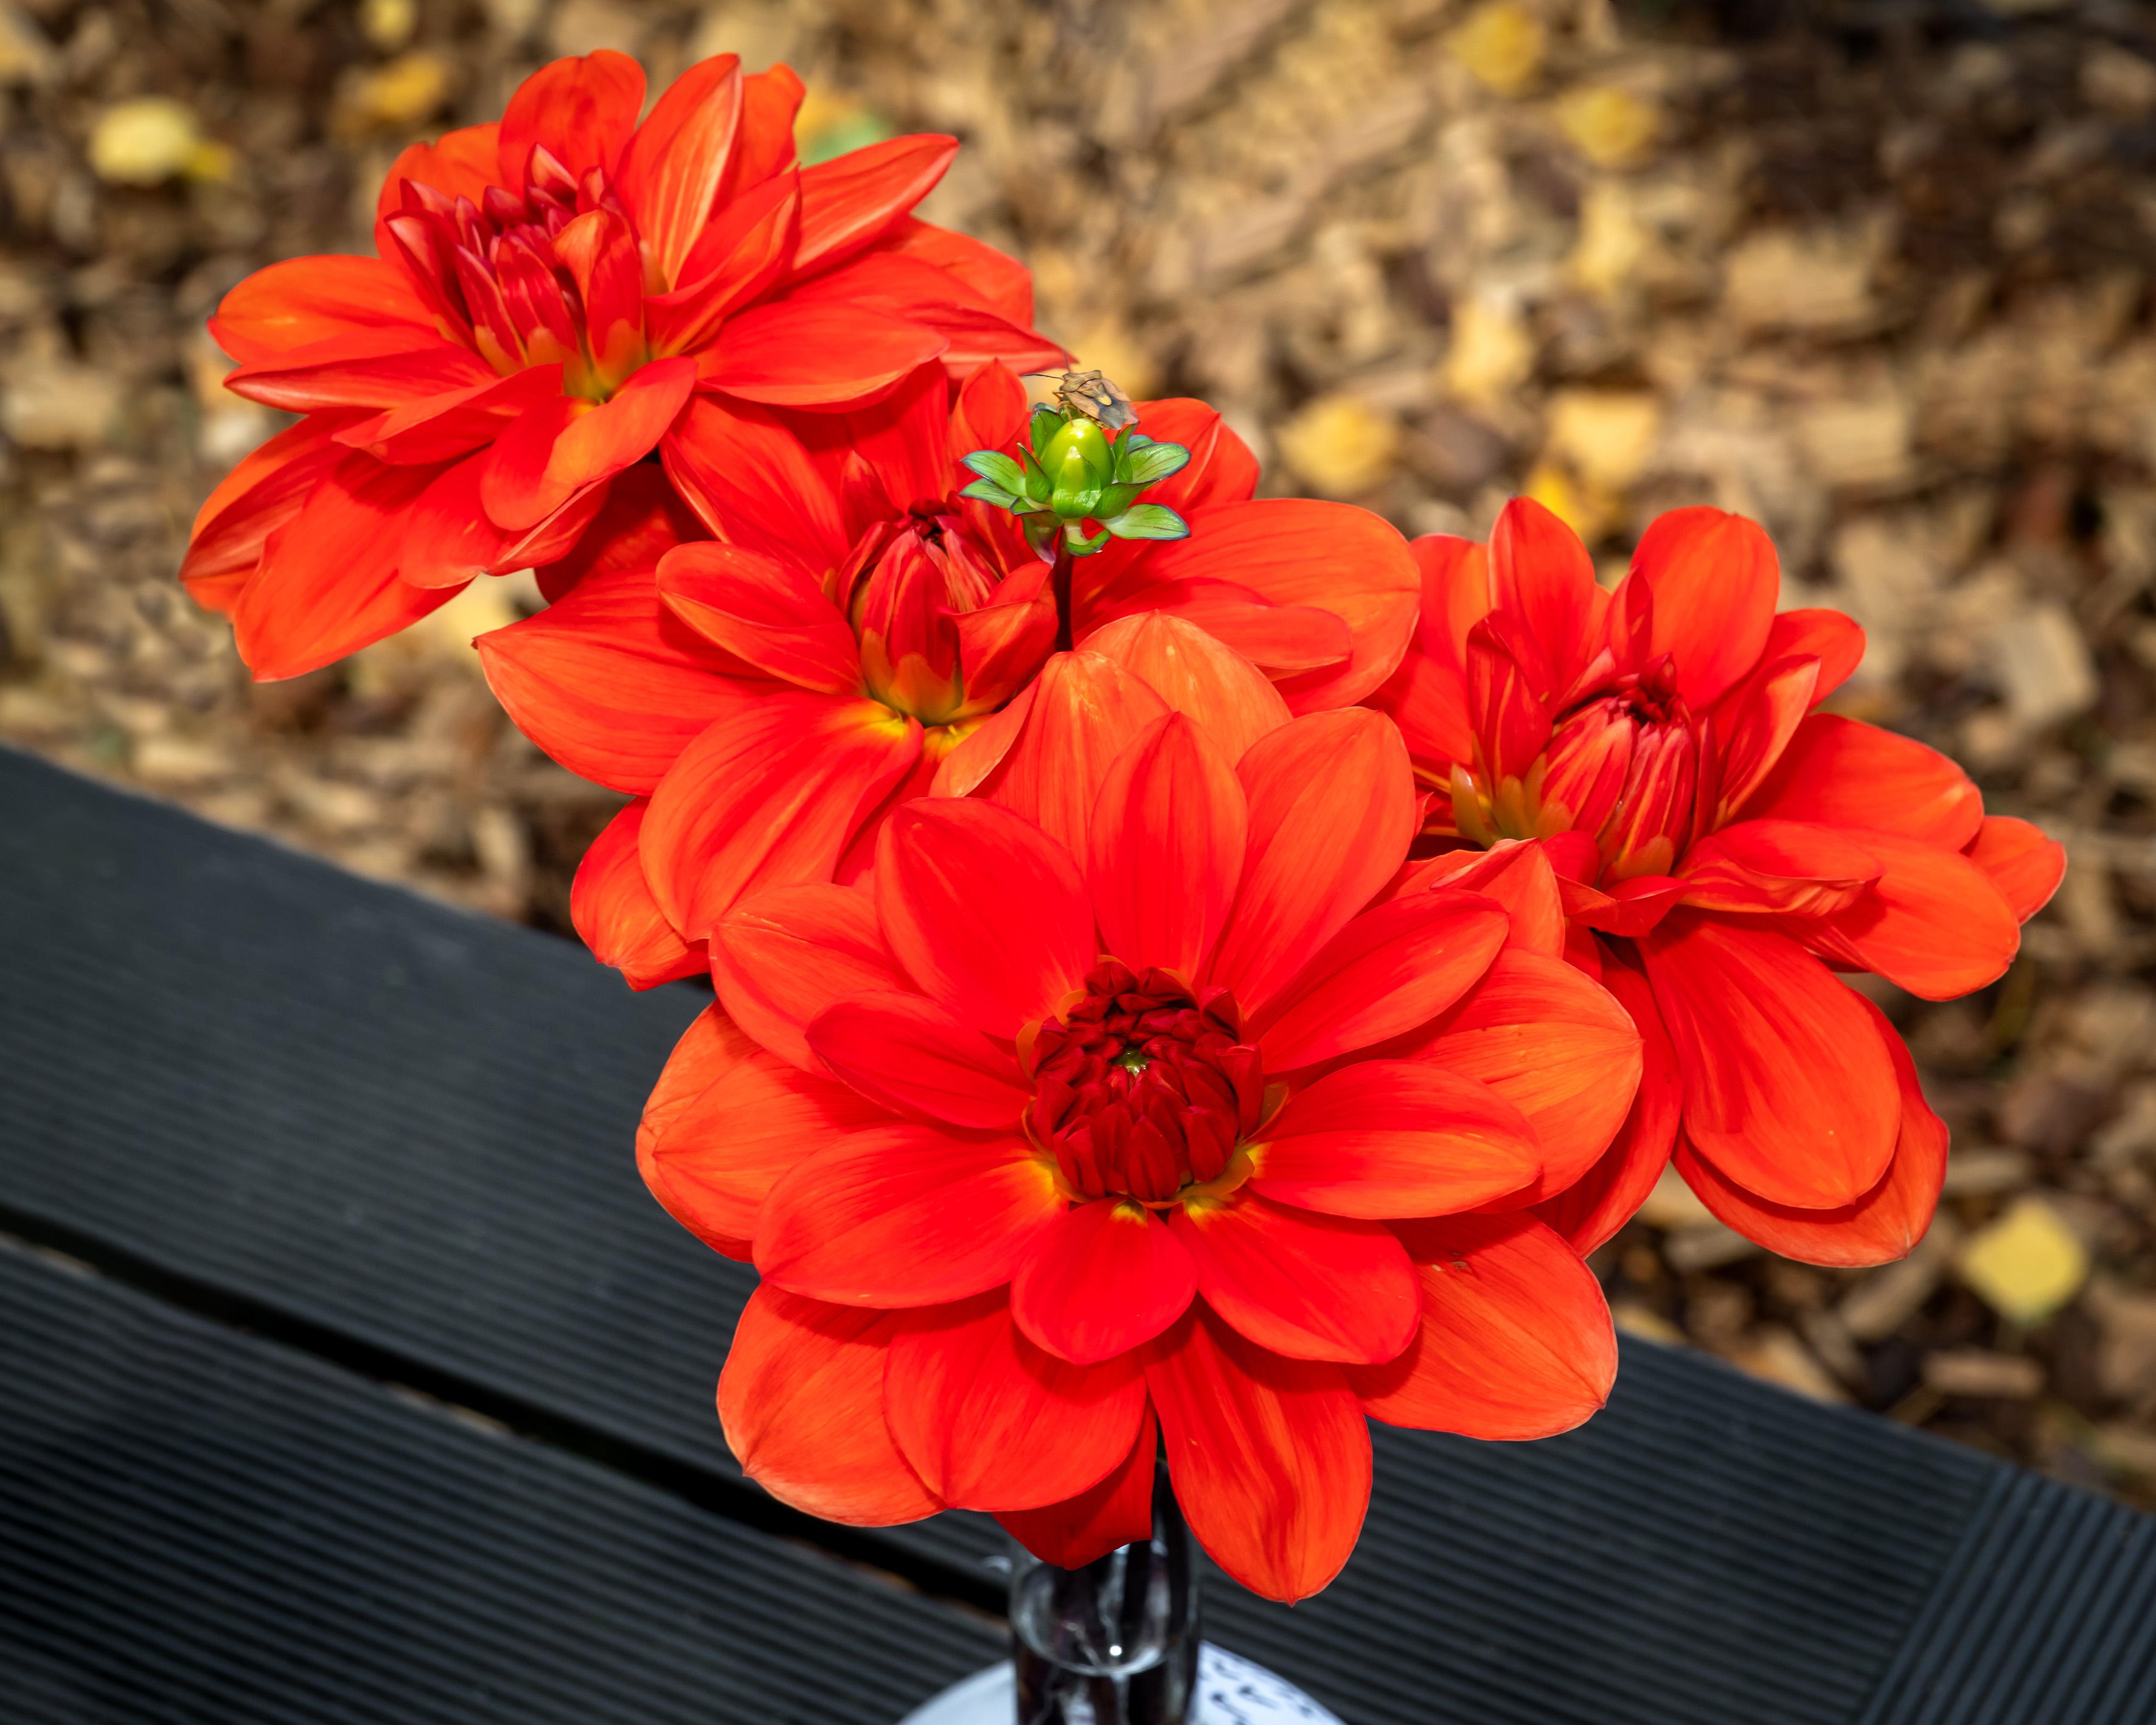 Publikas  balsojumā  par  skaistāko  ziedu  pirmajā  vietā   izvirzījās  'Patricia Ann's  Sunset' (saulrieta  krāsā) - 11  balsojumi.